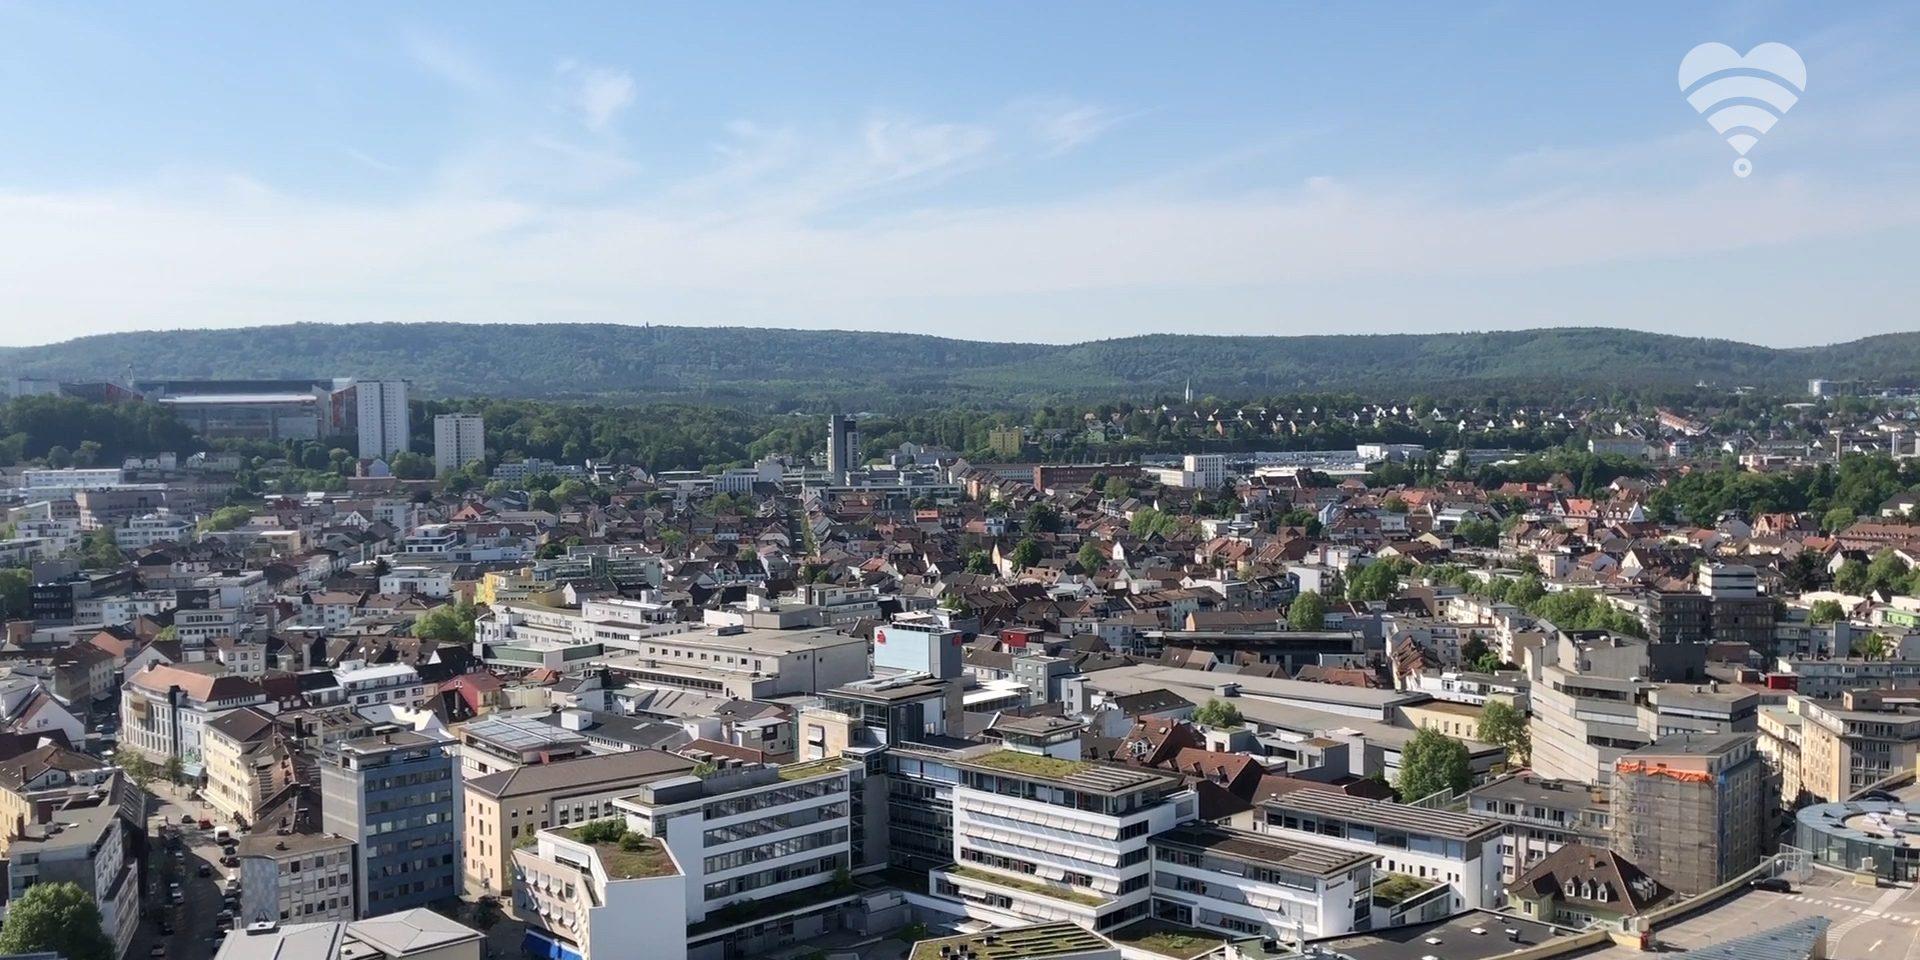 Luftansicht der Stadt Kaiserslautern